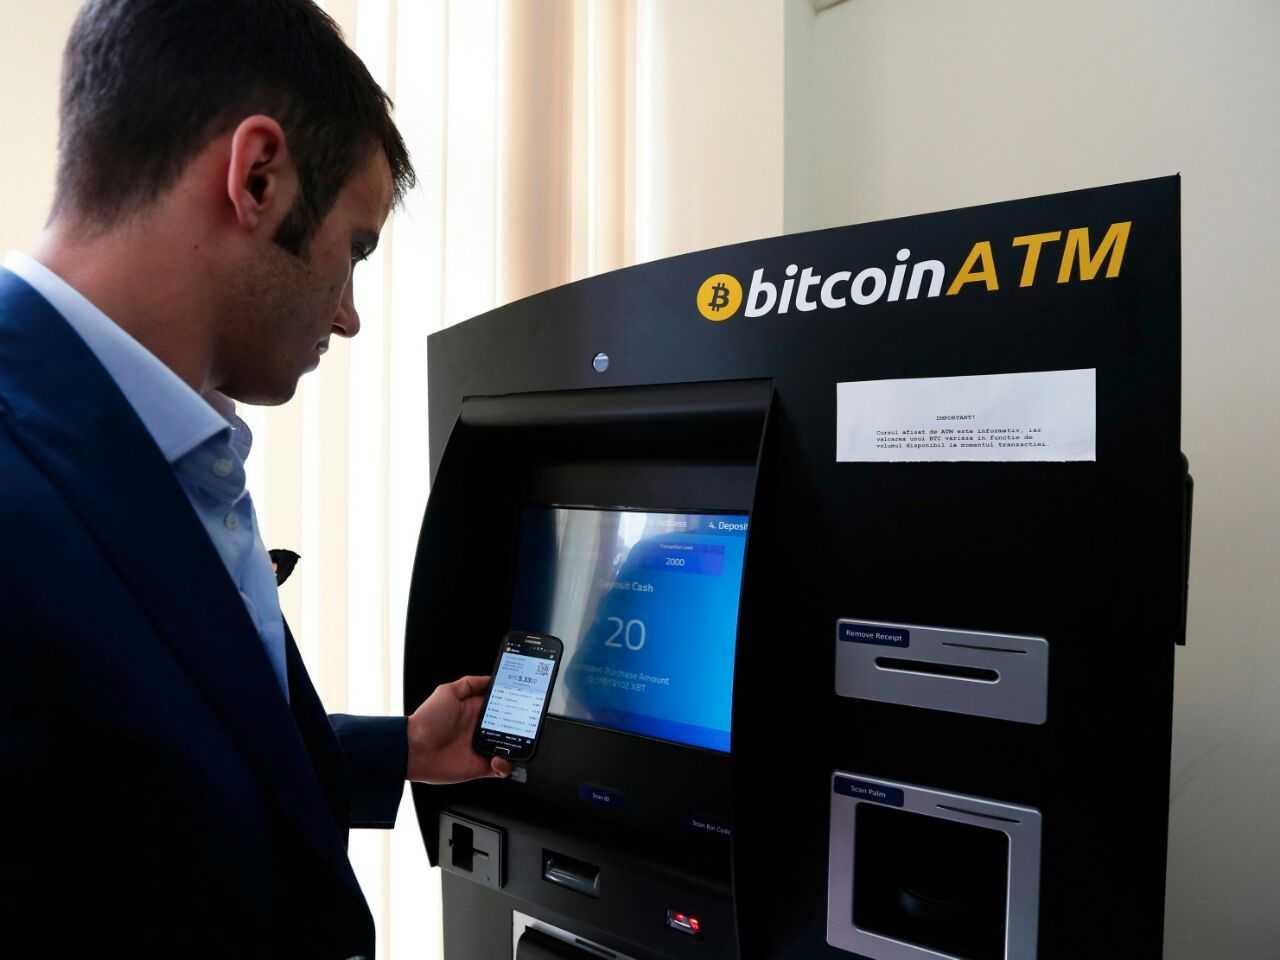 Незаконная установка и использование биткоин-терминалов в Казани